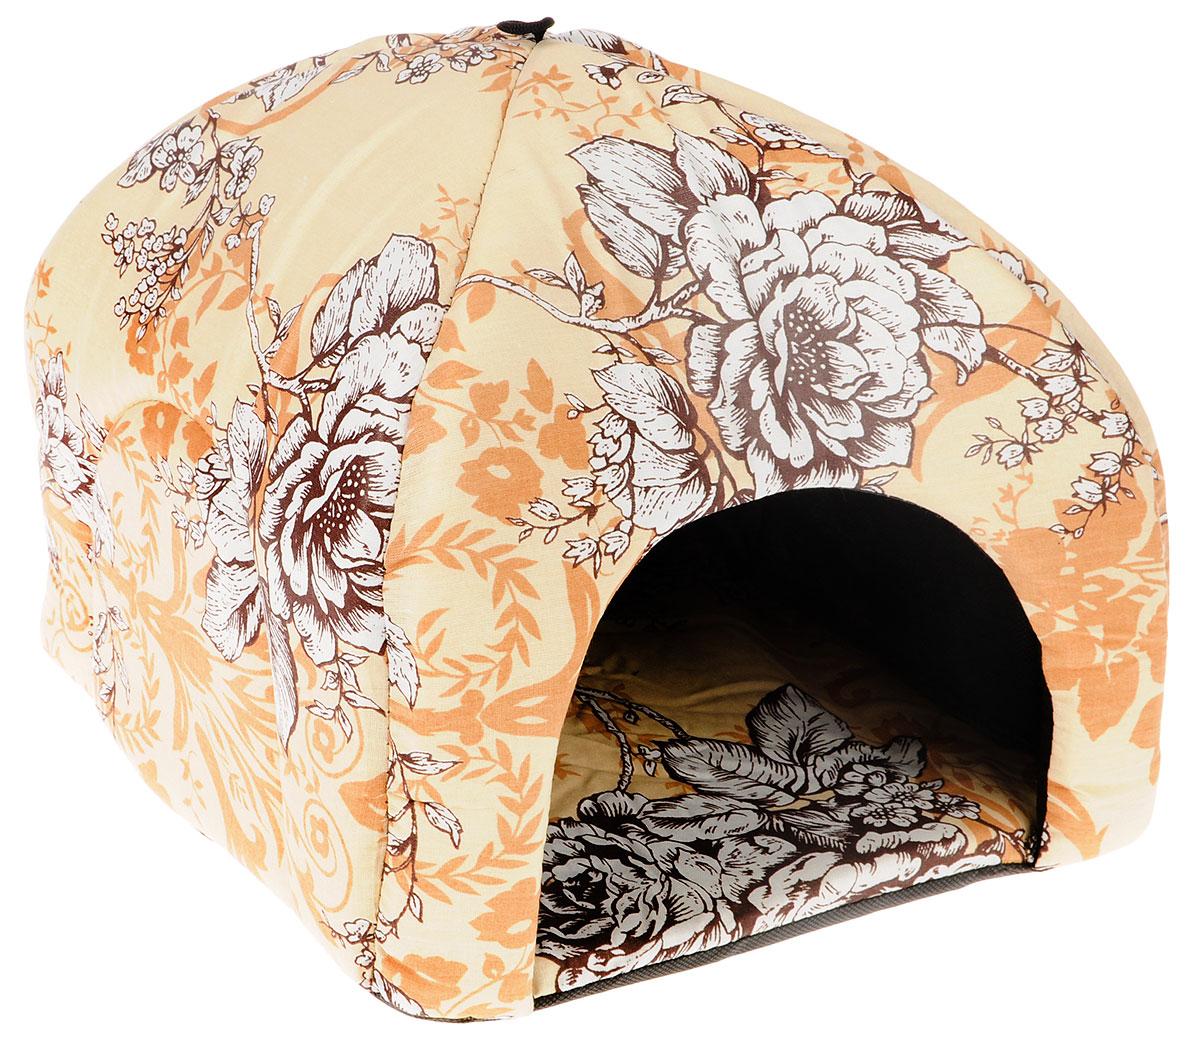 Лежак для животных Elite Valley Юрта, цвет: бежевый, 33 х 33 х 30 см. Л3/2101246Лежак Elite Valley Юрта непременно станет любимым местом отдыха вашего домашнего животного. Изделие изготовлено из бязи, а наполнитель выполнен из поролона. Такой материал не теряет своей формы долгое время. На таком лежаке вашему любимцу будет мягко и тепло. Он даст вашему питомцу ощущение уюта и уединенности, а также возможность подремать, отдохнуть и просто спрятаться.